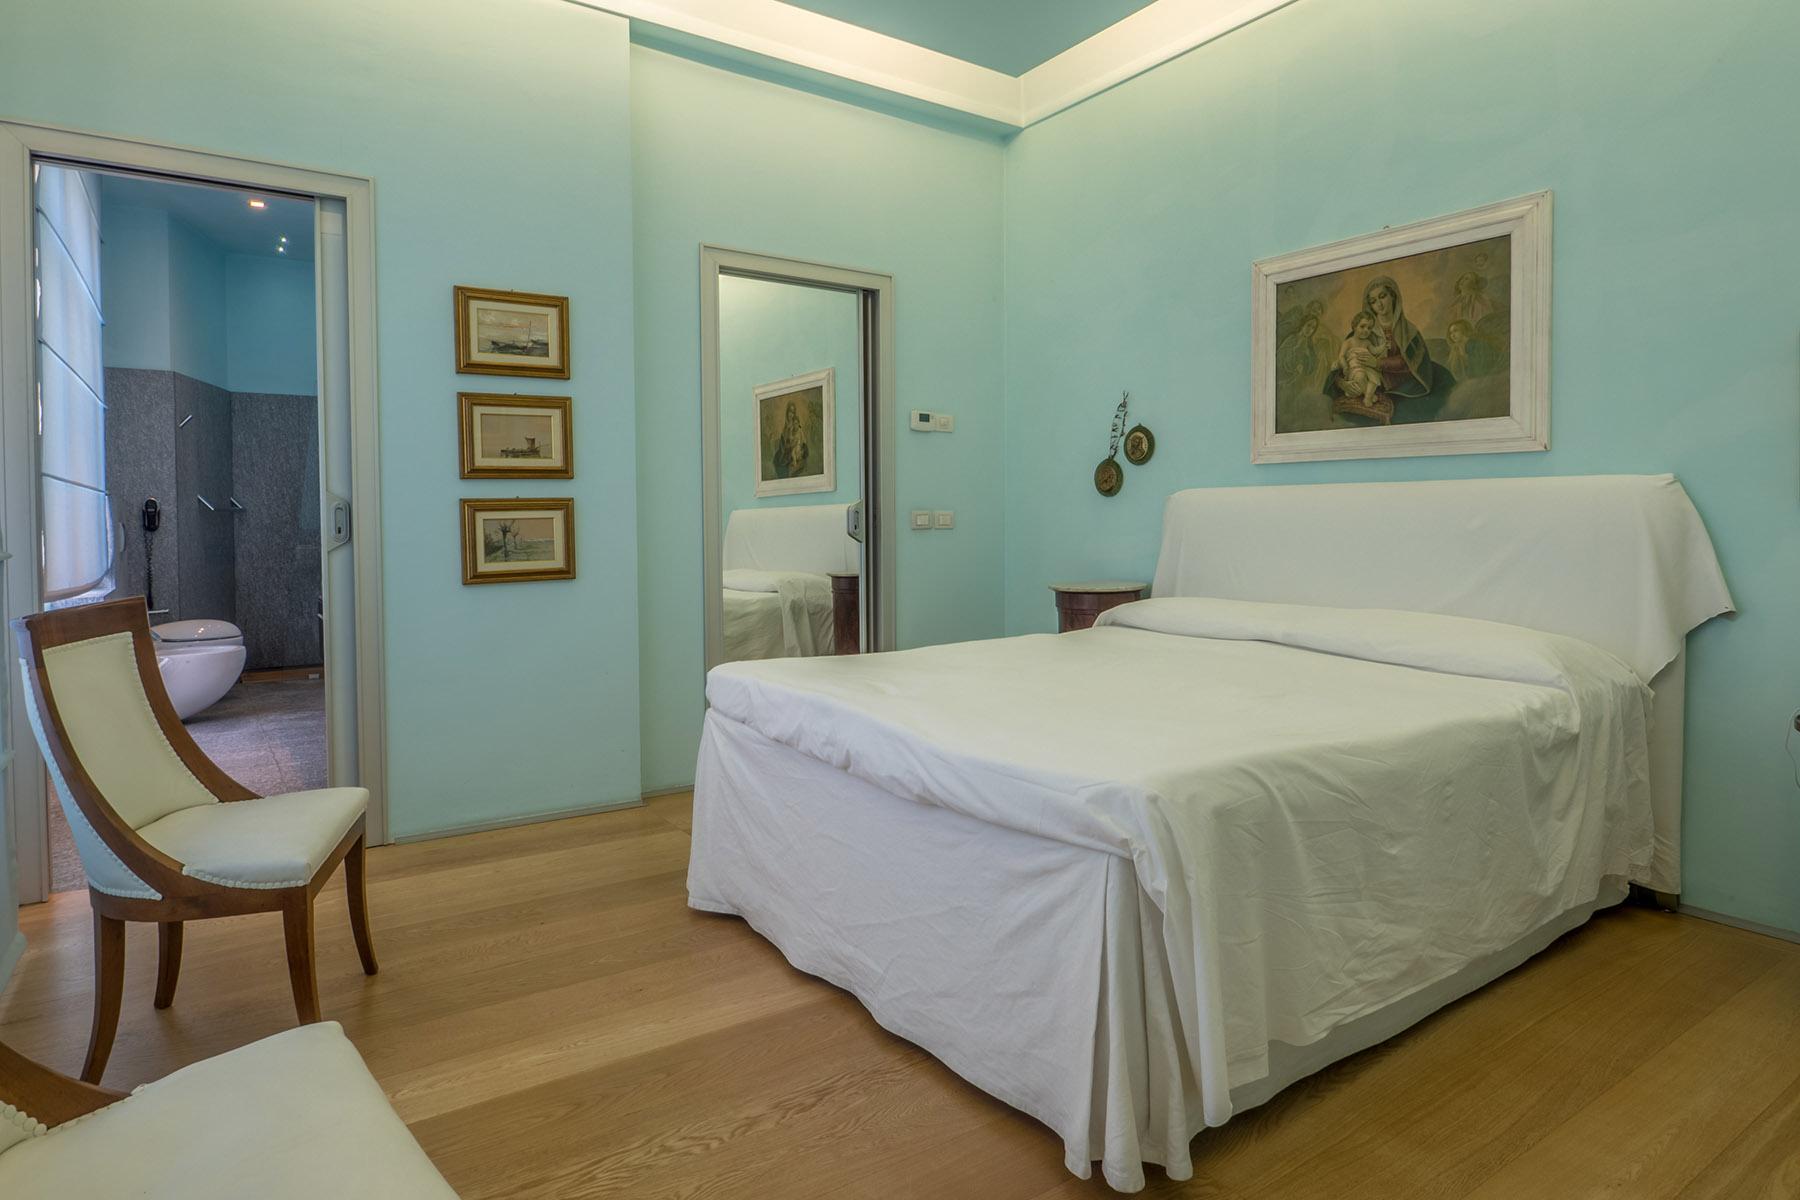 Appartamento in Vendita a Torino: 4 locali, 148 mq - Foto 11